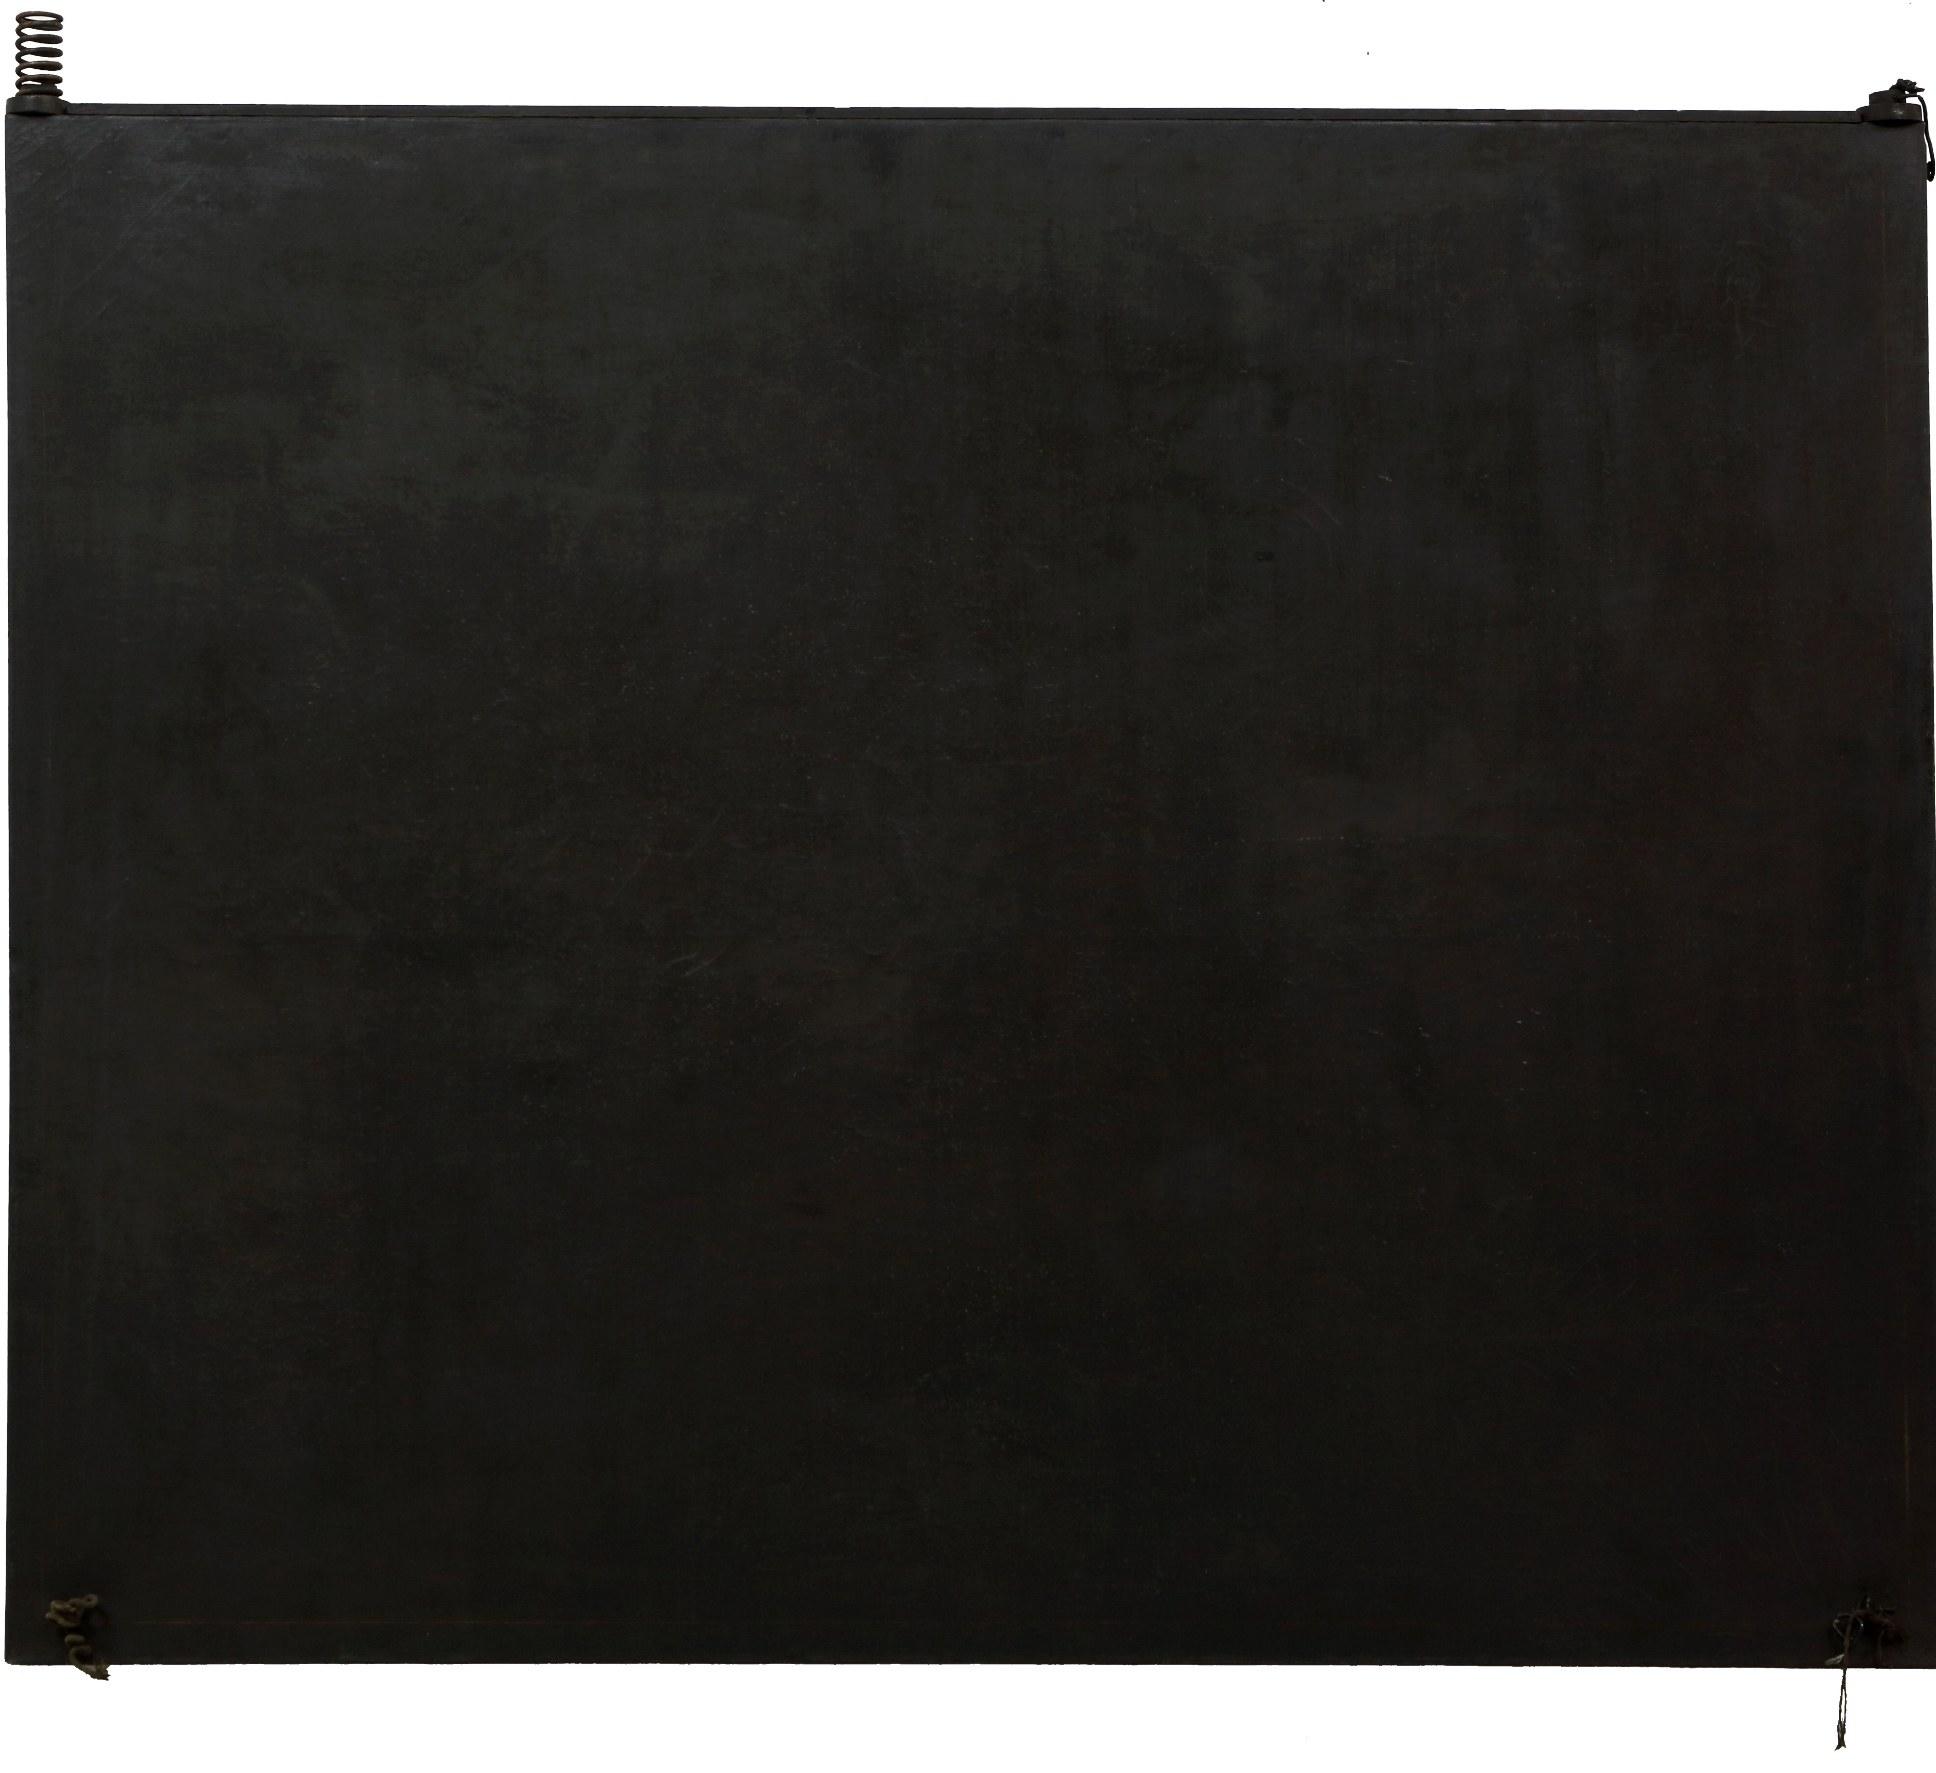 無題 Untitled 75-02 1975  油彩、複合媒材 131CM x 153cm